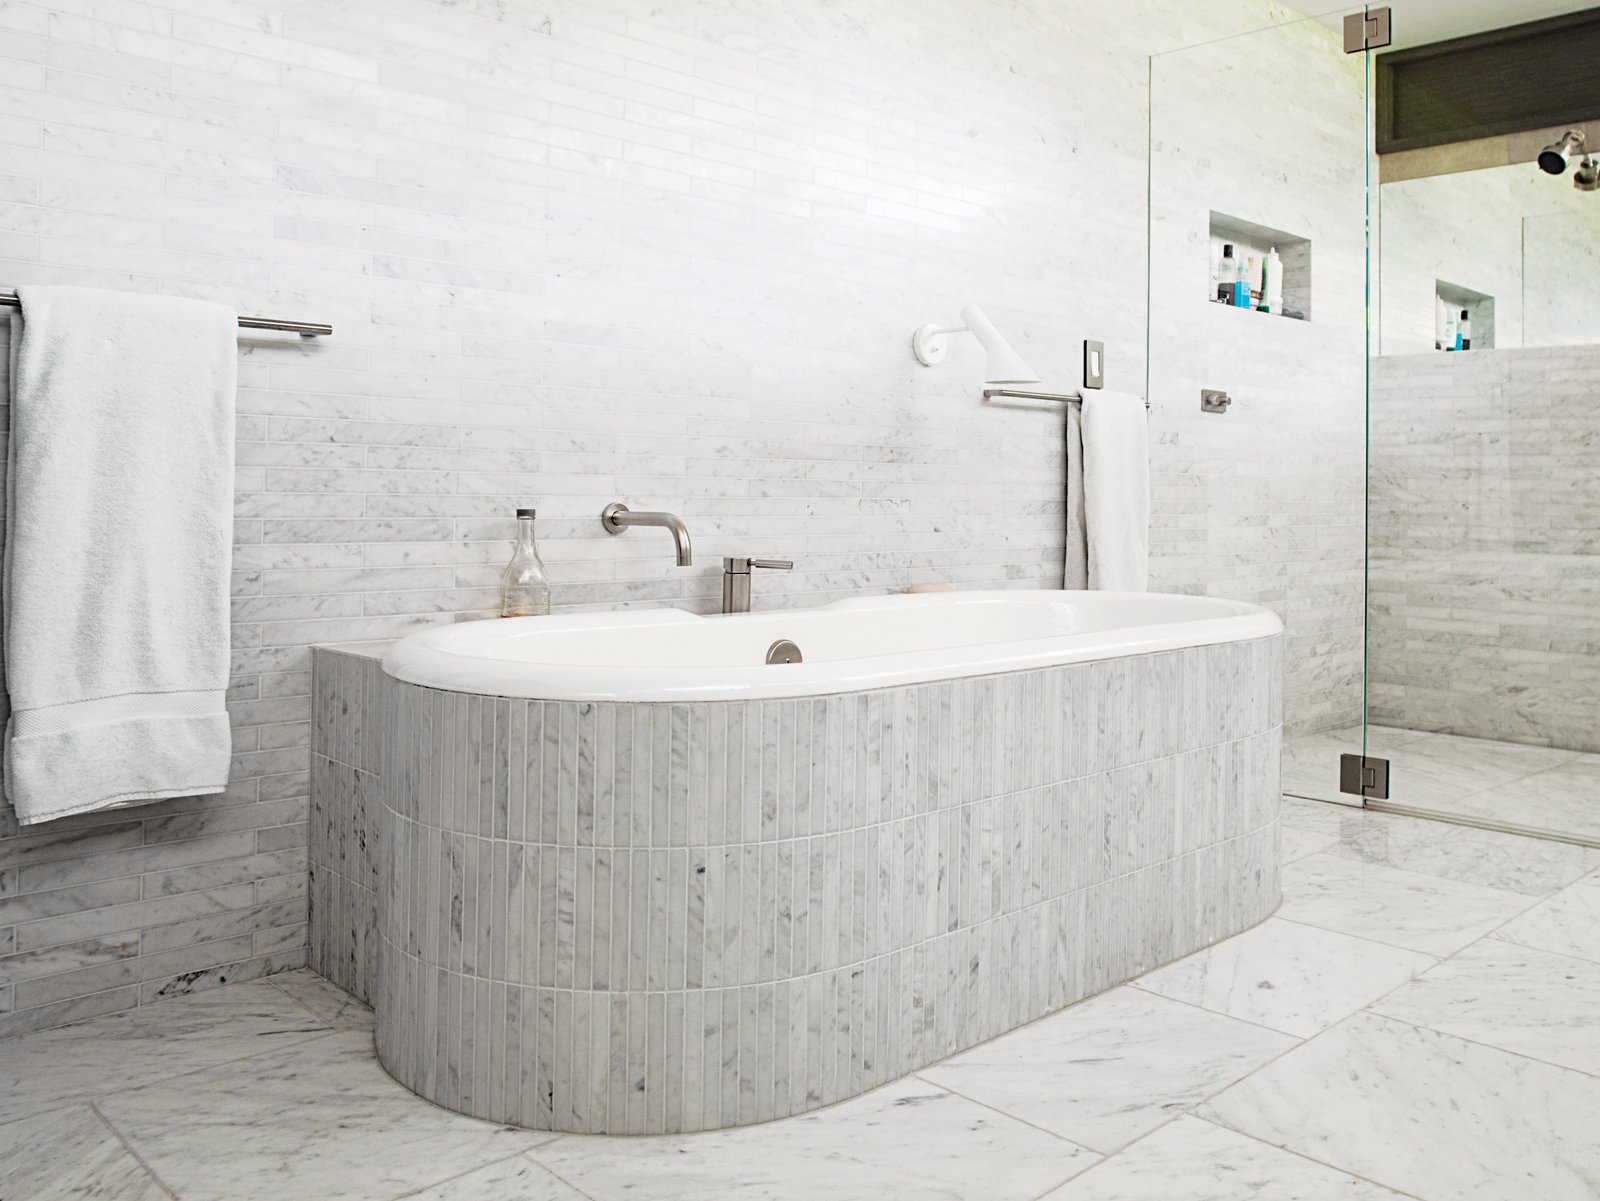 Carrara Marble Tile Bathroom Contemporary Design - Brunswick Design